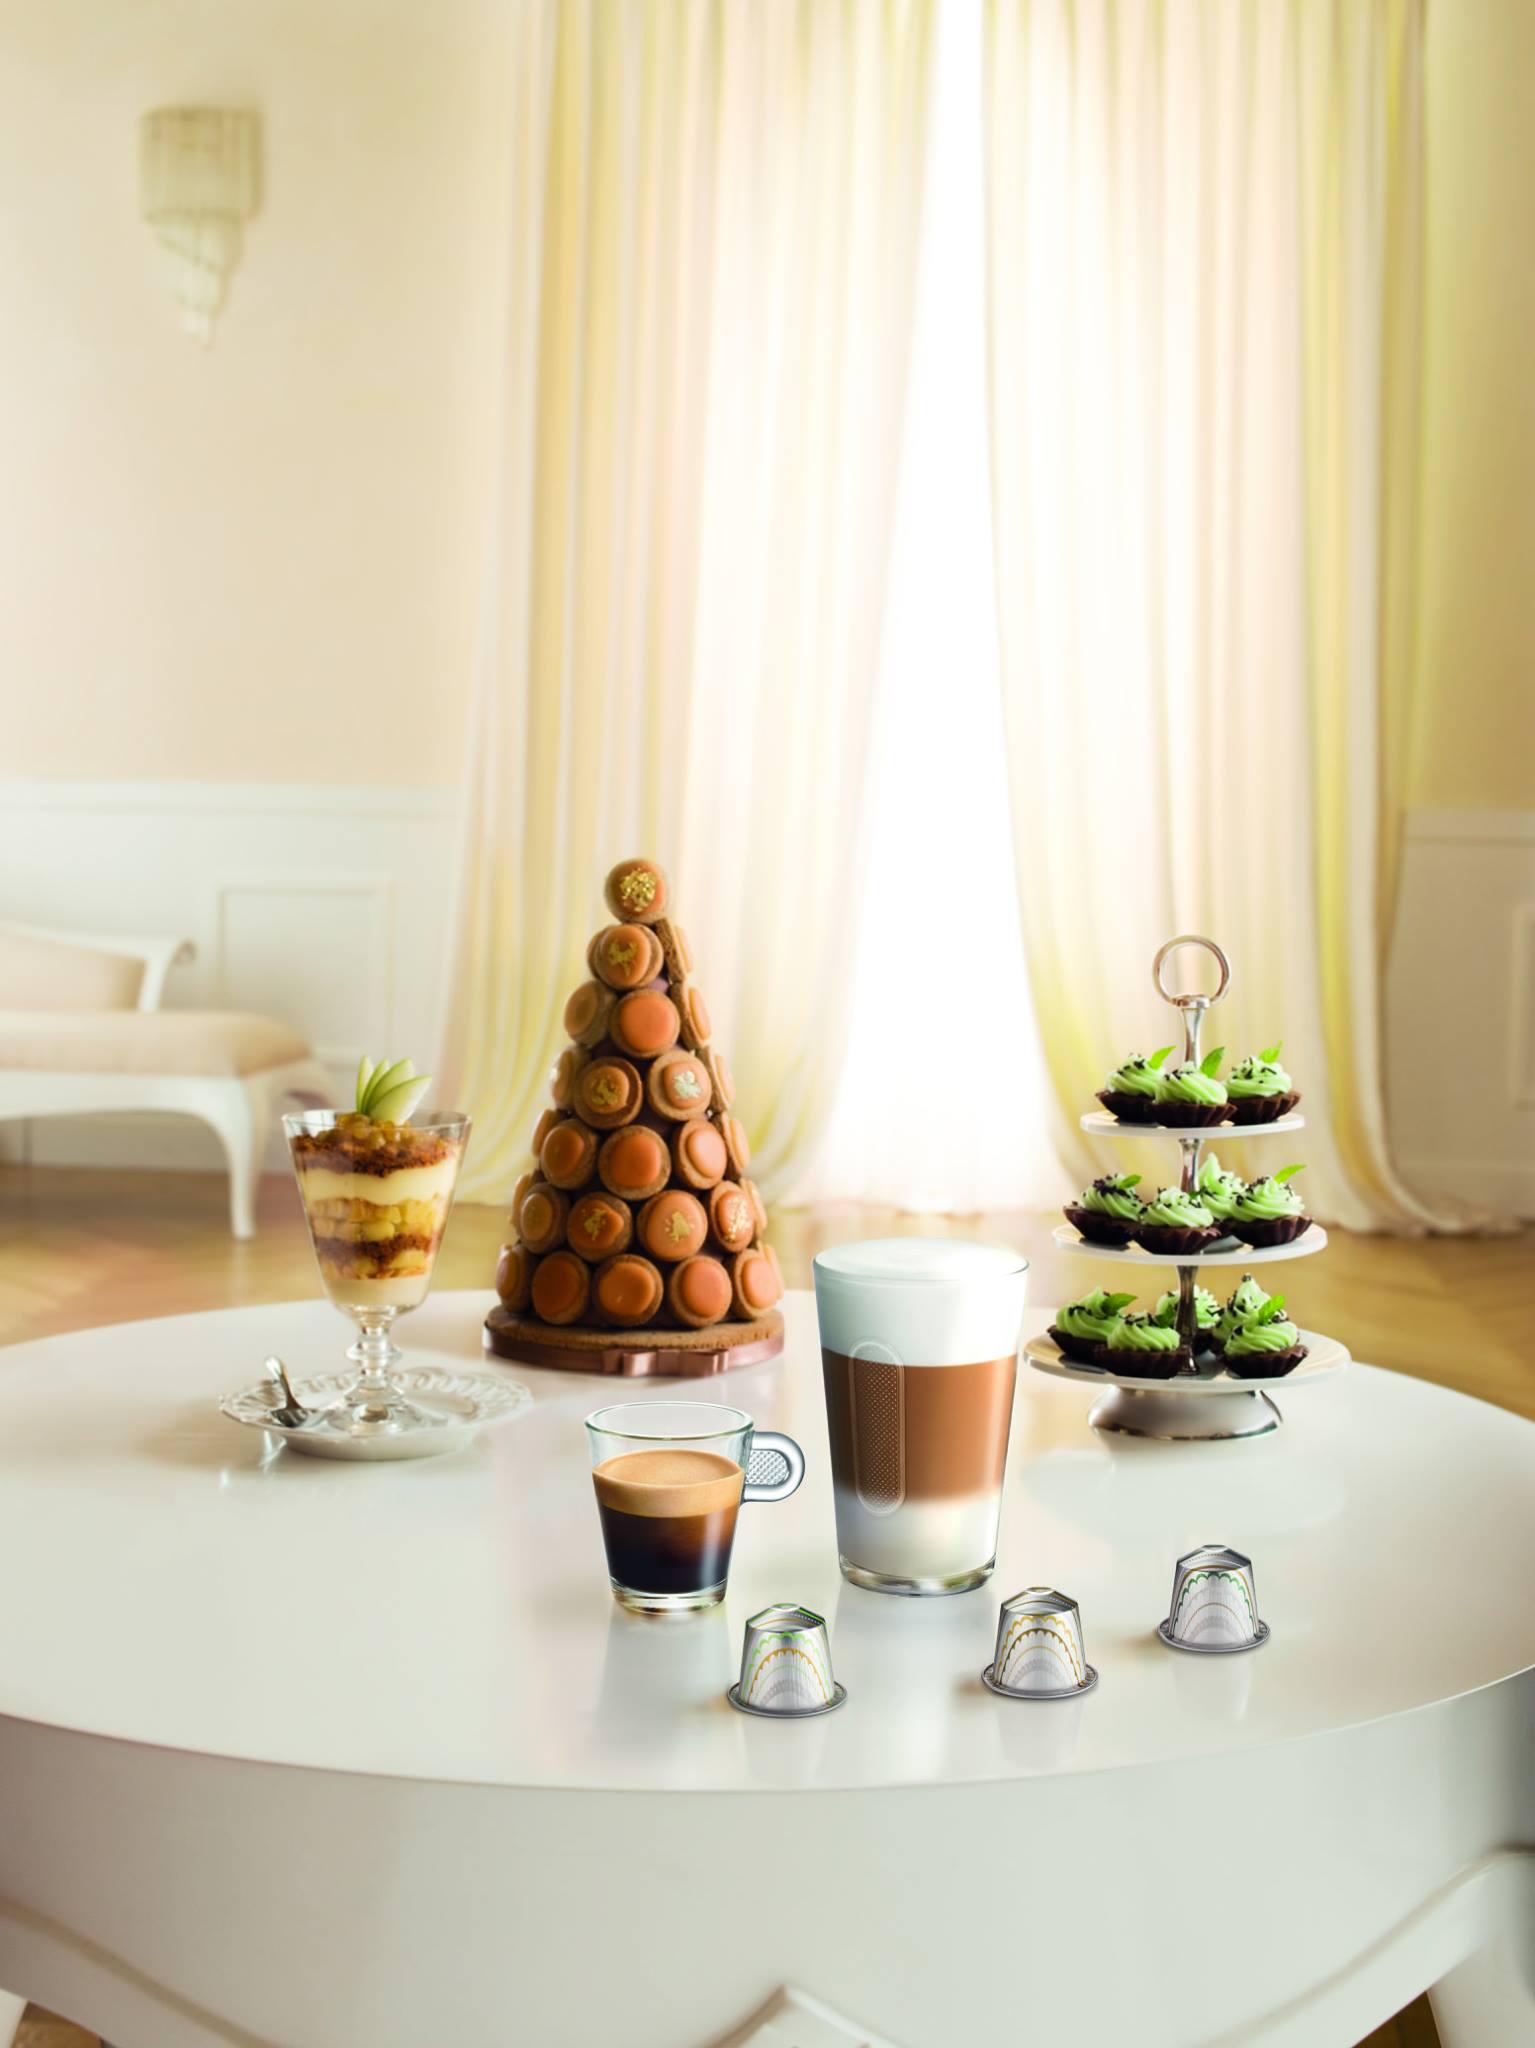 laurée et nespresso s'unissent pour la création de saveurs uniques chocolat menthe noisettes et curable aux pommes